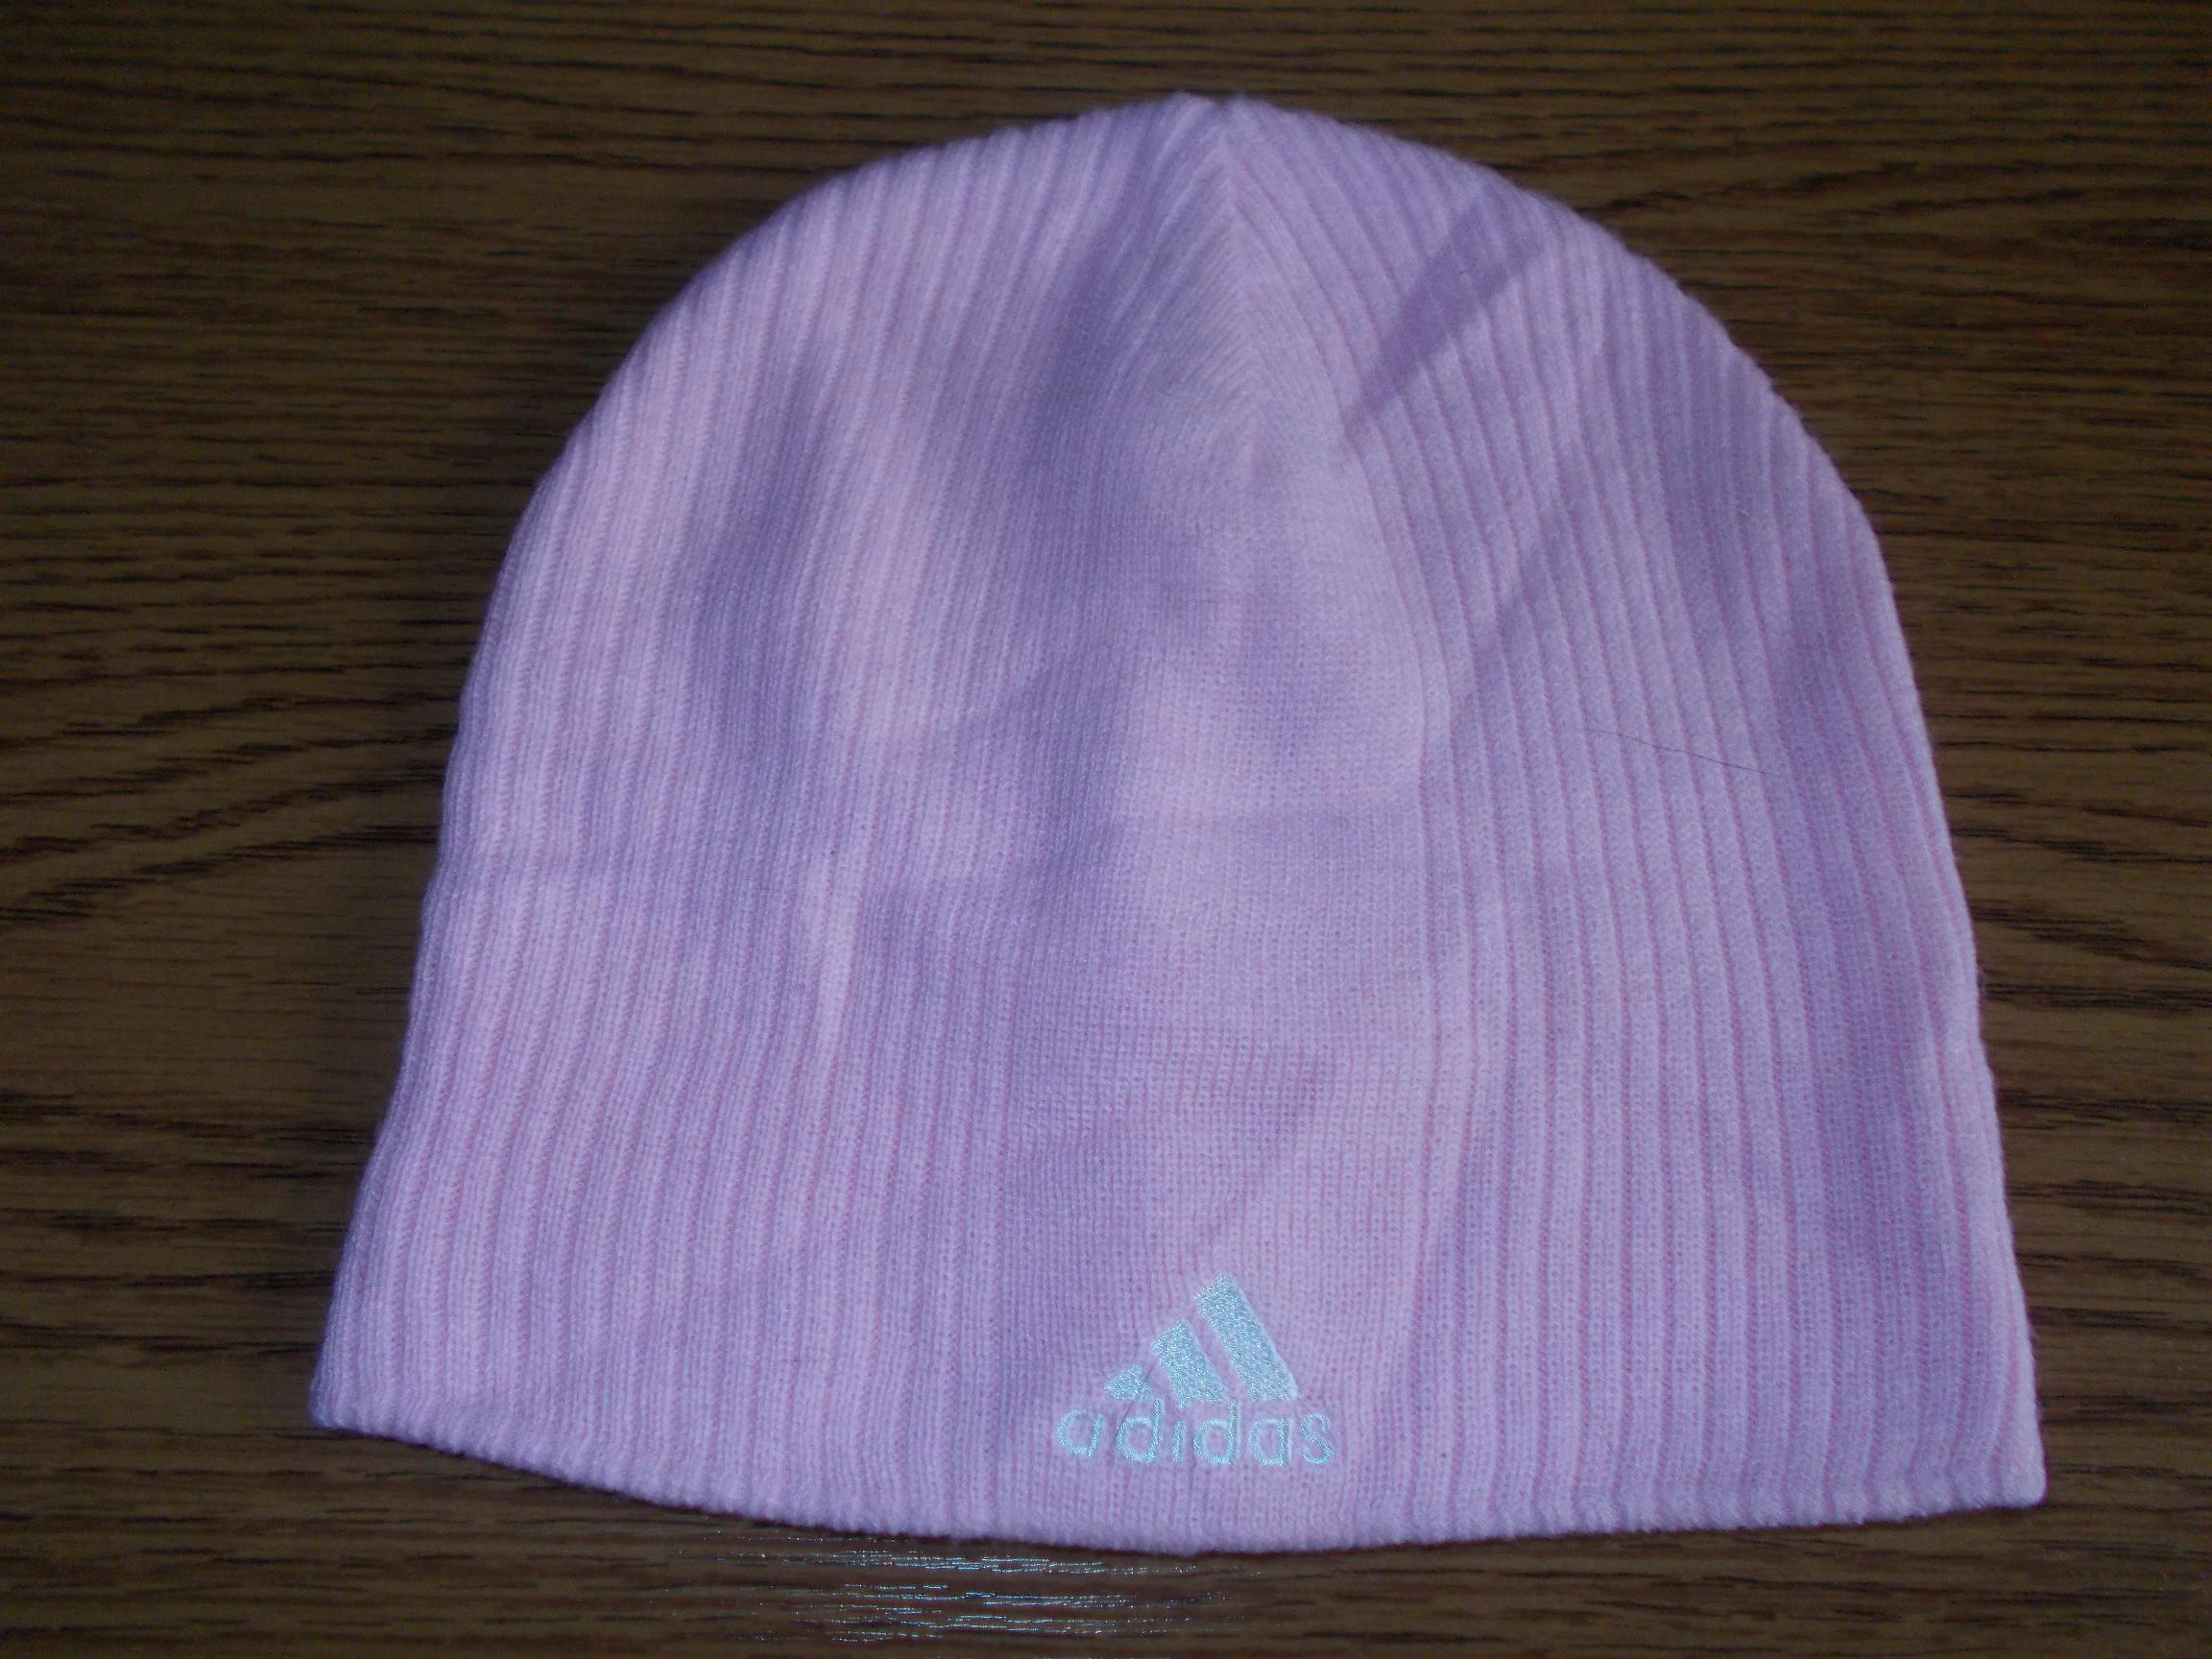 Adidas czapeczka bawelna one size